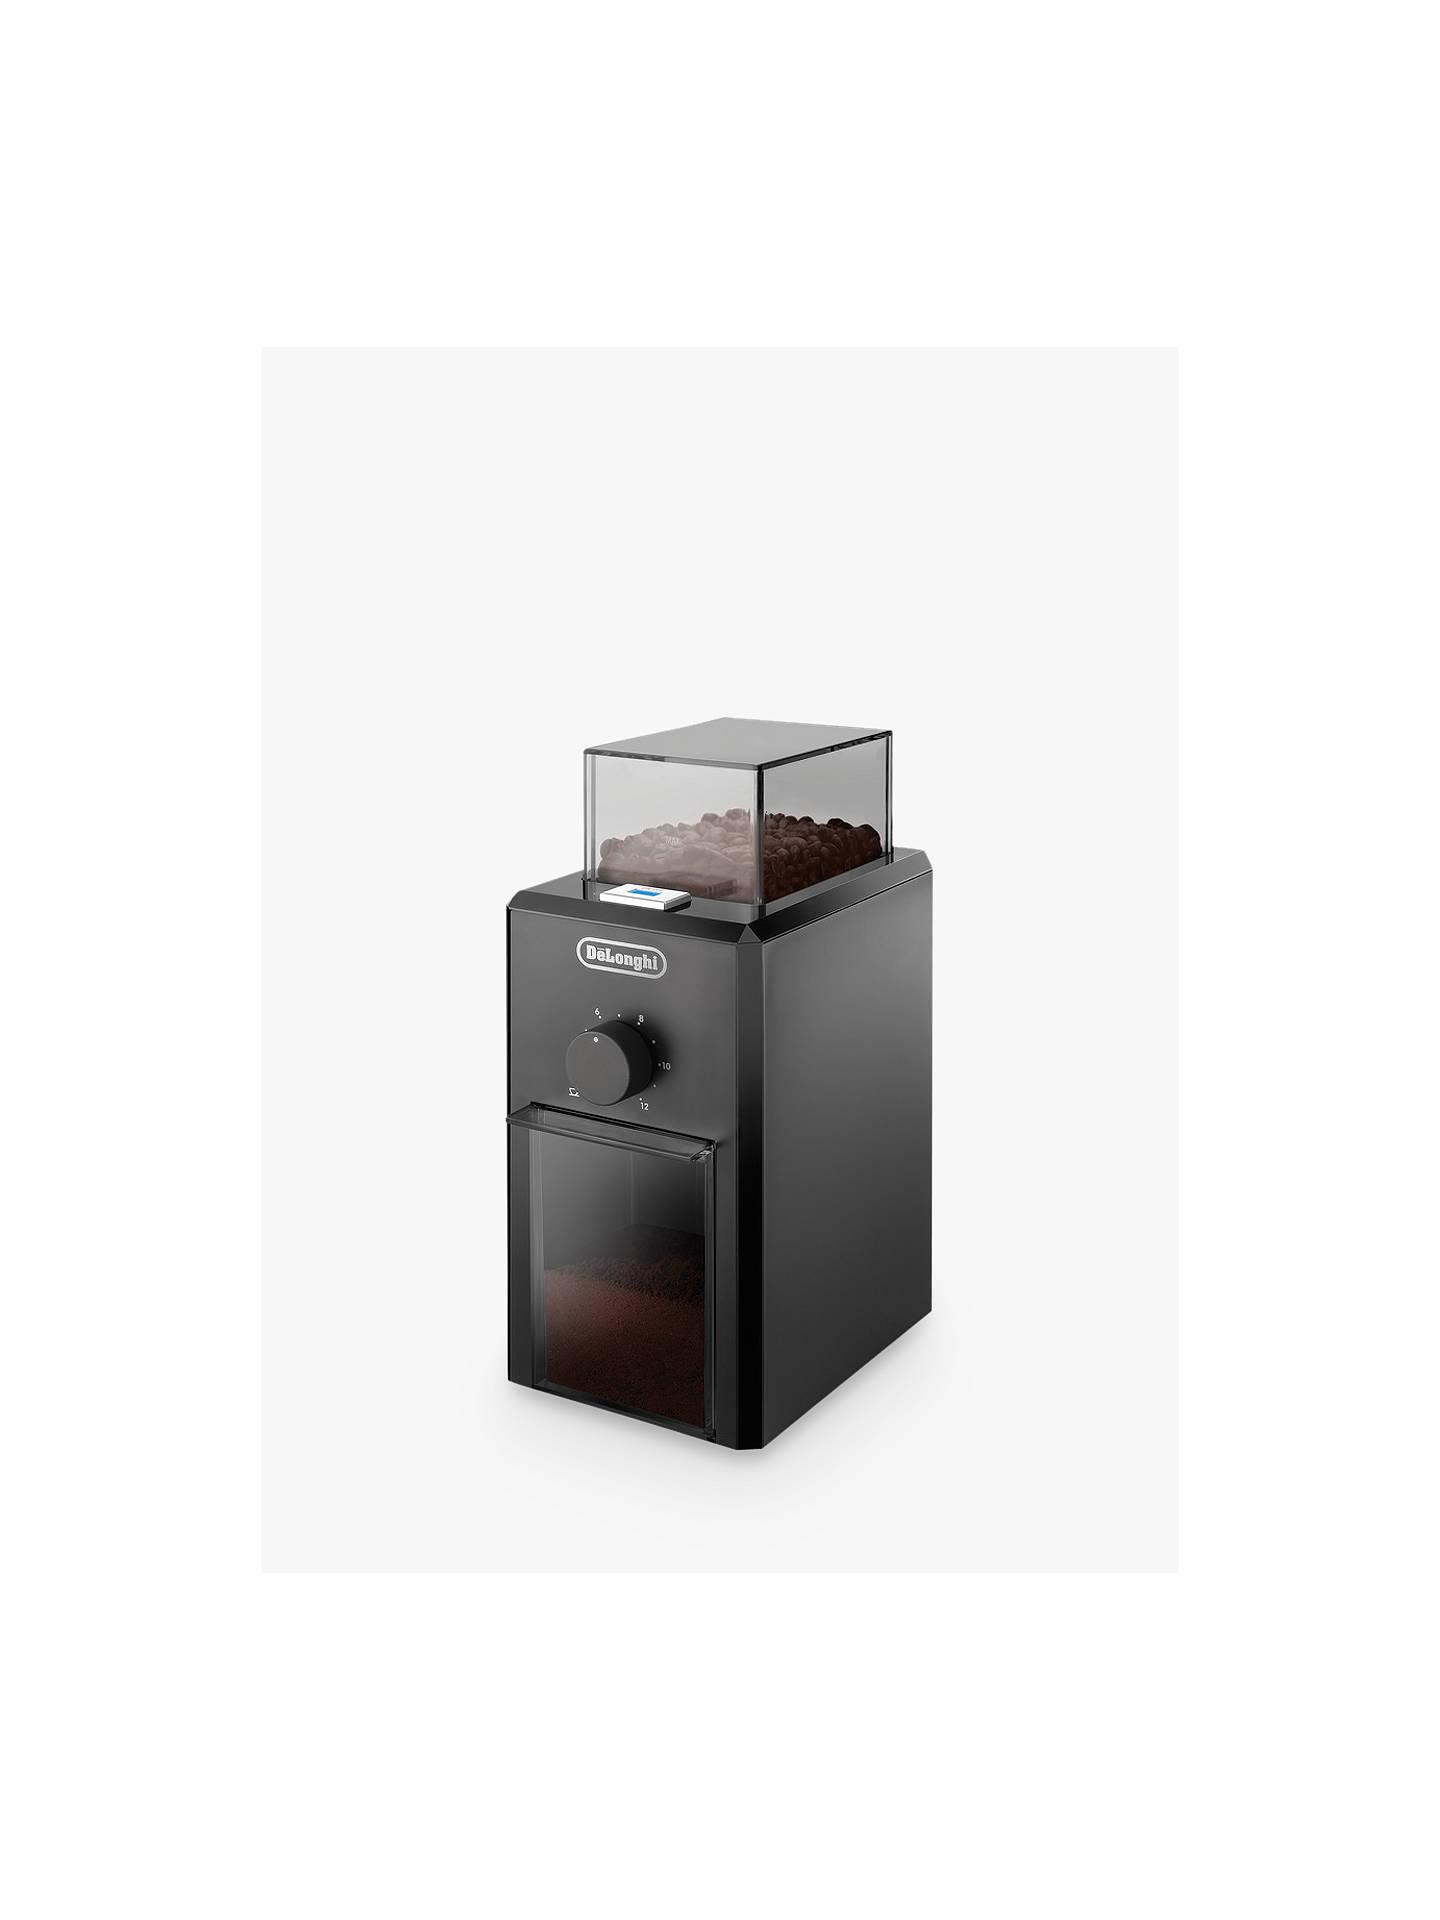 cacc95be4 Buy De Longhi KG79 Coffee Grinder Online at johnlewis.com ...